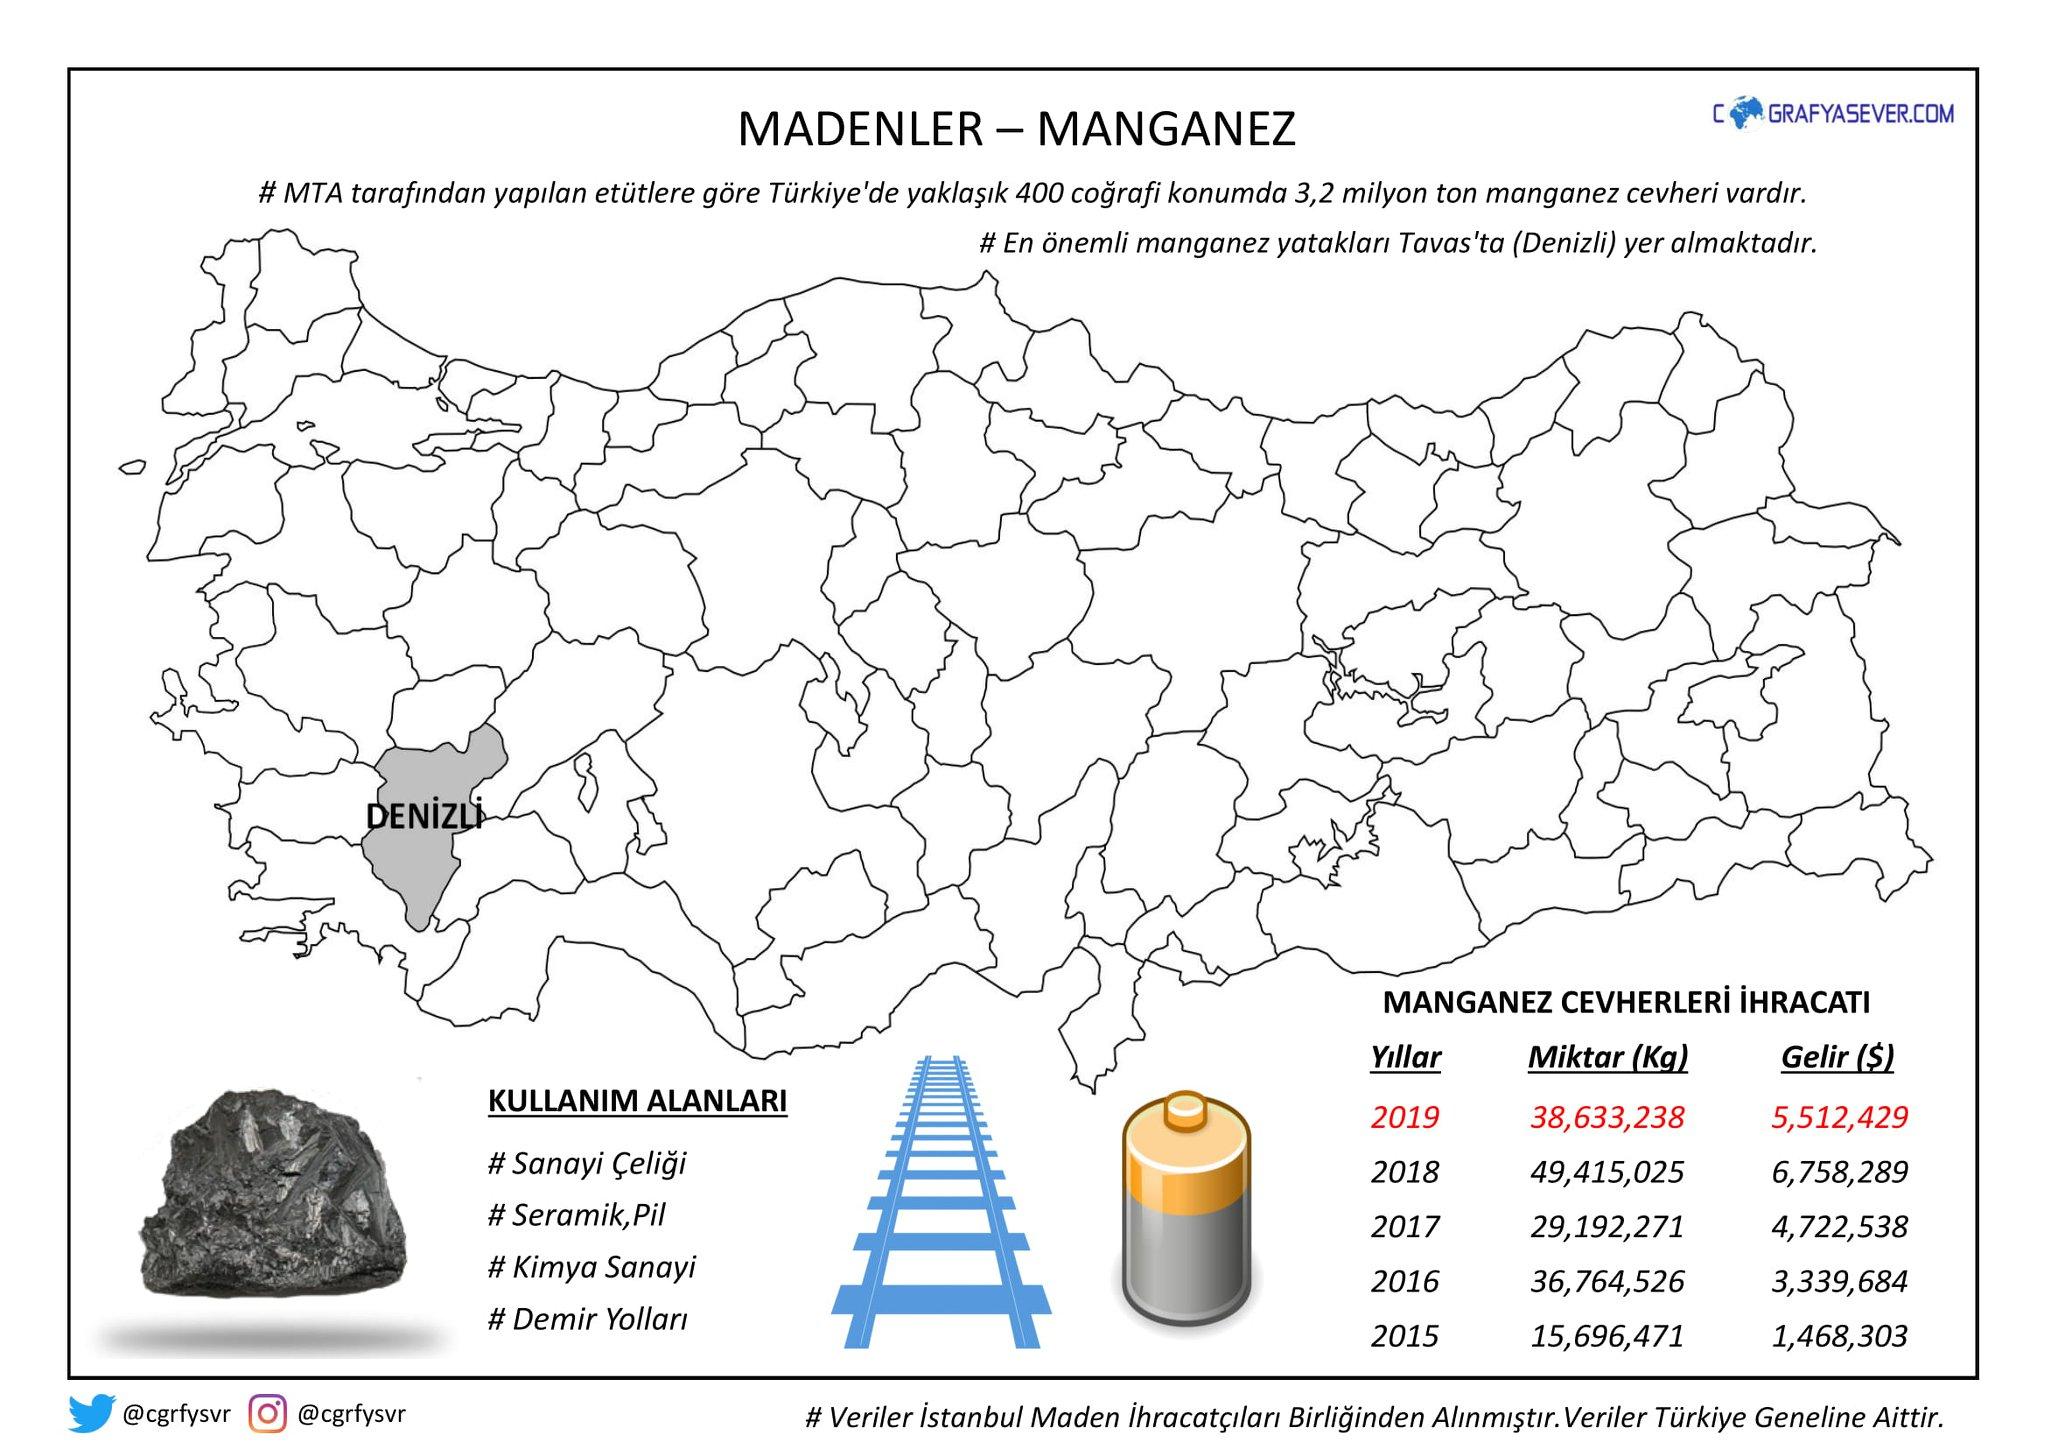 Manganez.jpg